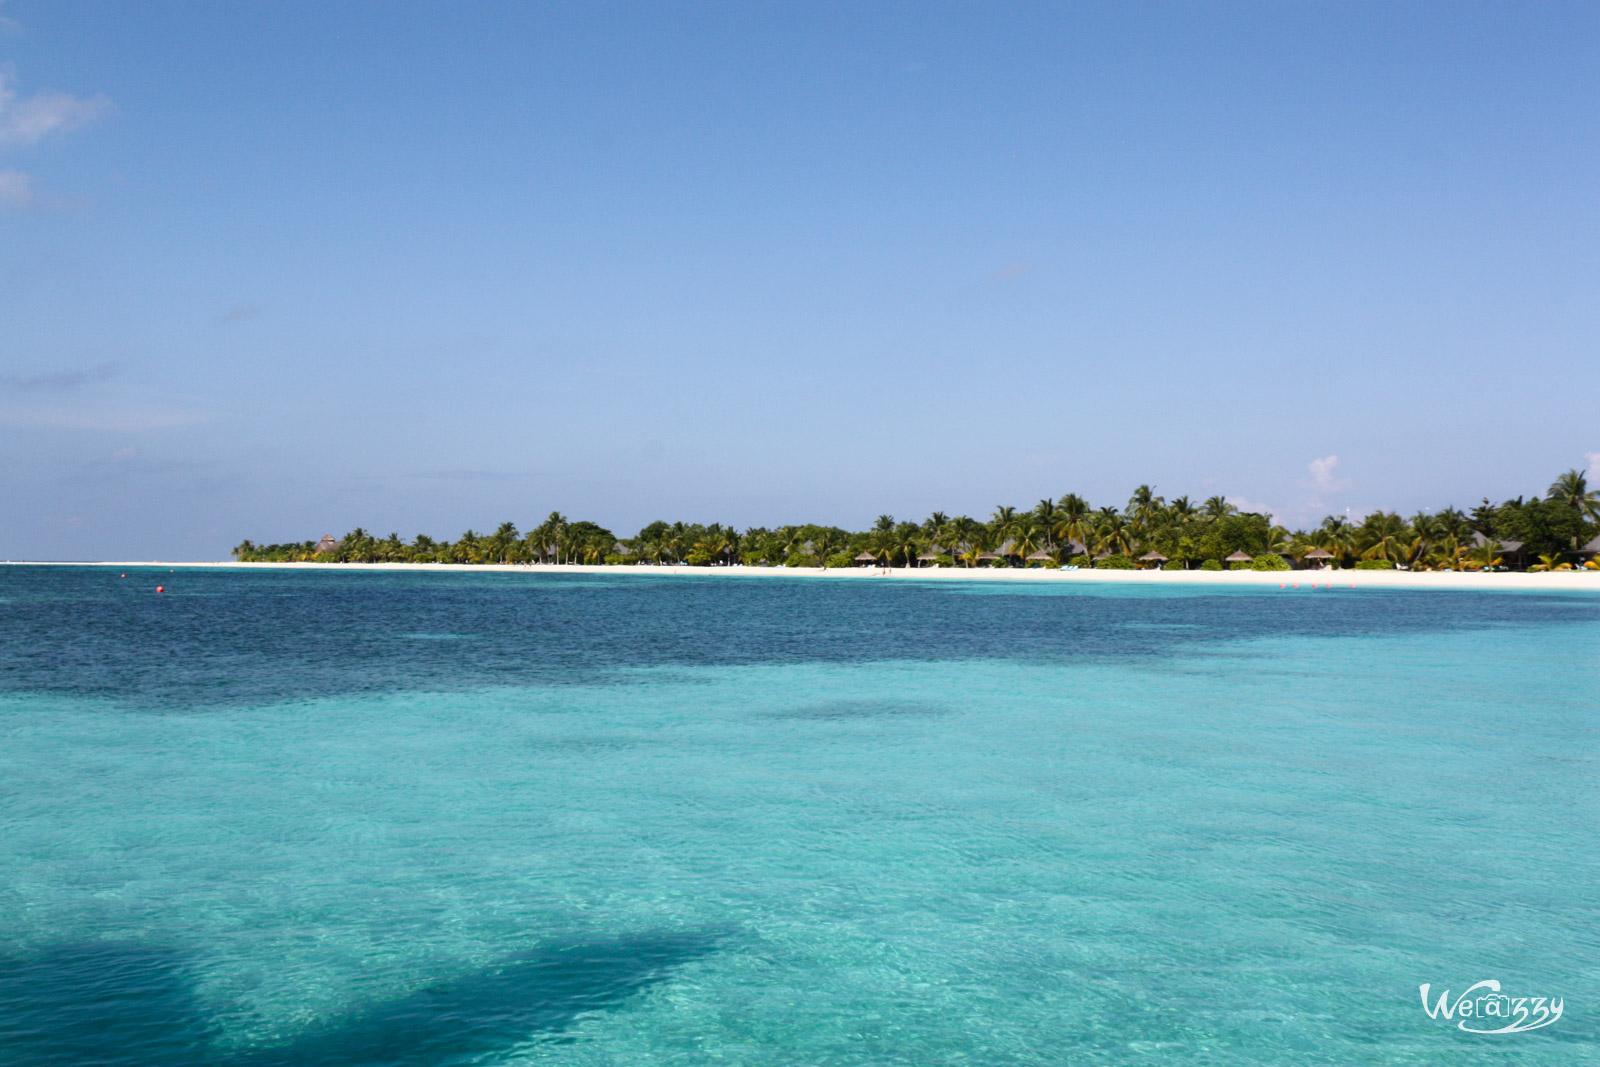 Vacances au paradis, les Maldives vues du ciel